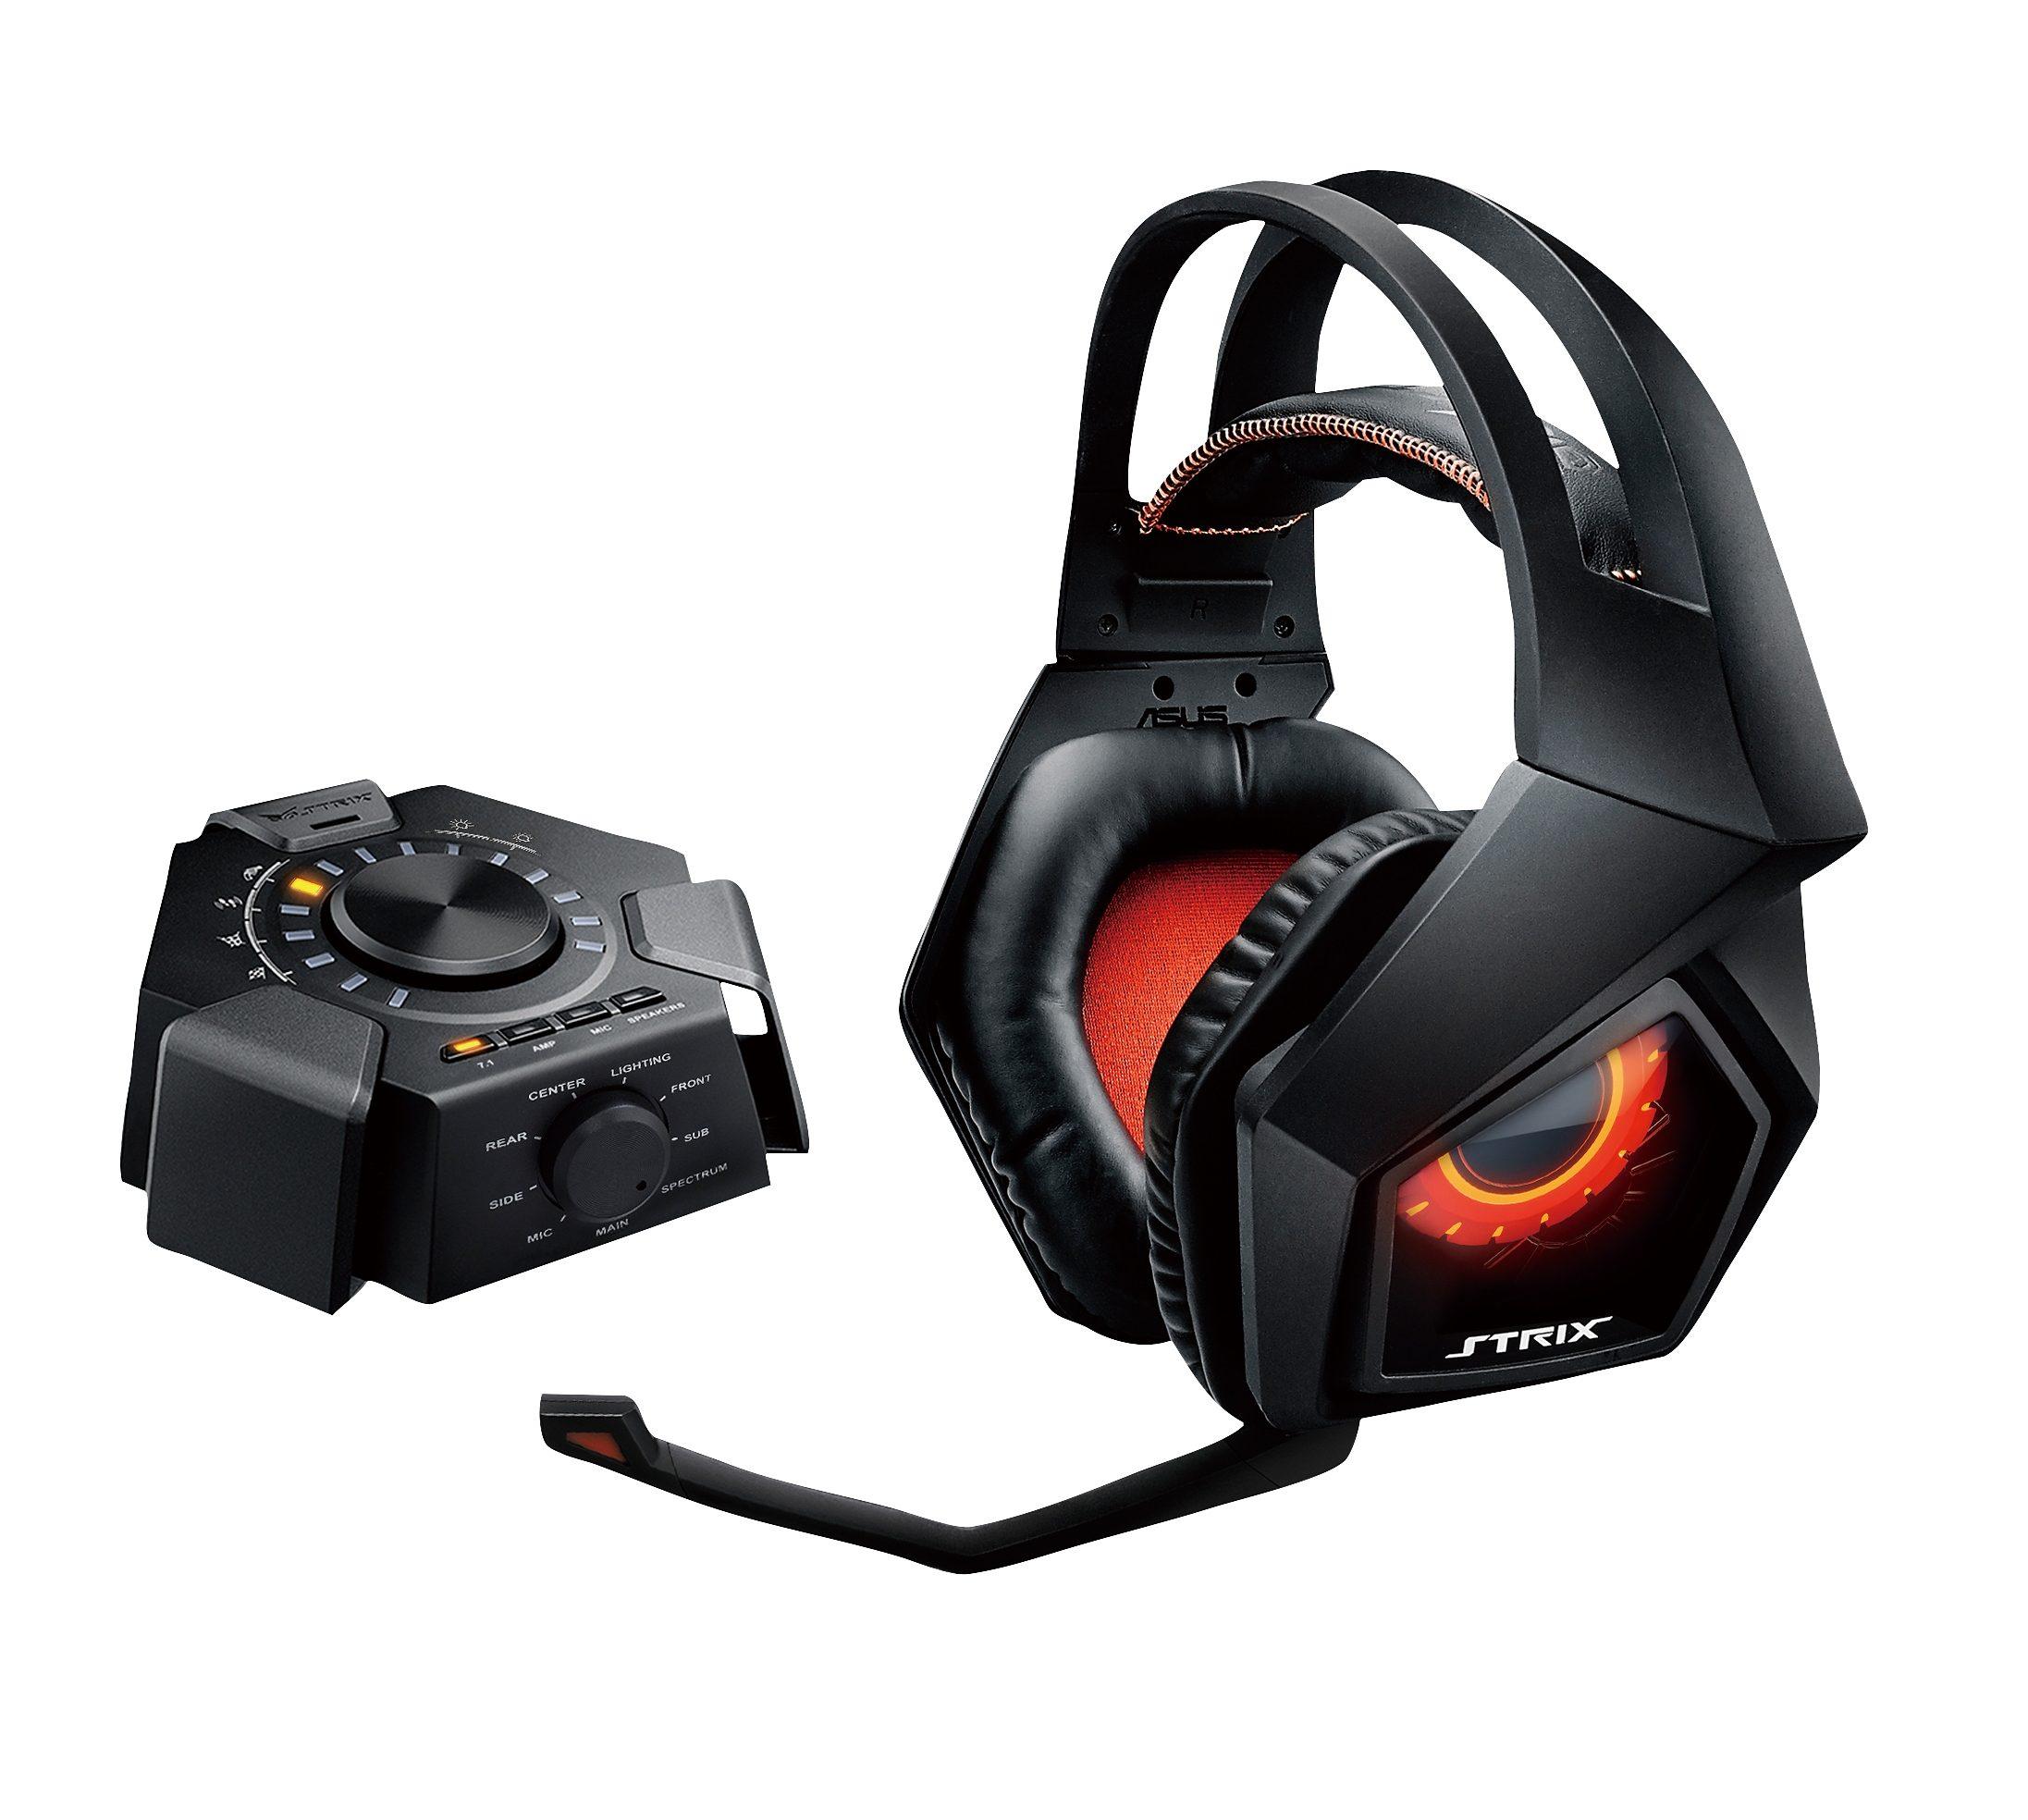 ASUS Kabelgebundenes Gaming-Headset Asus Strix 7.1